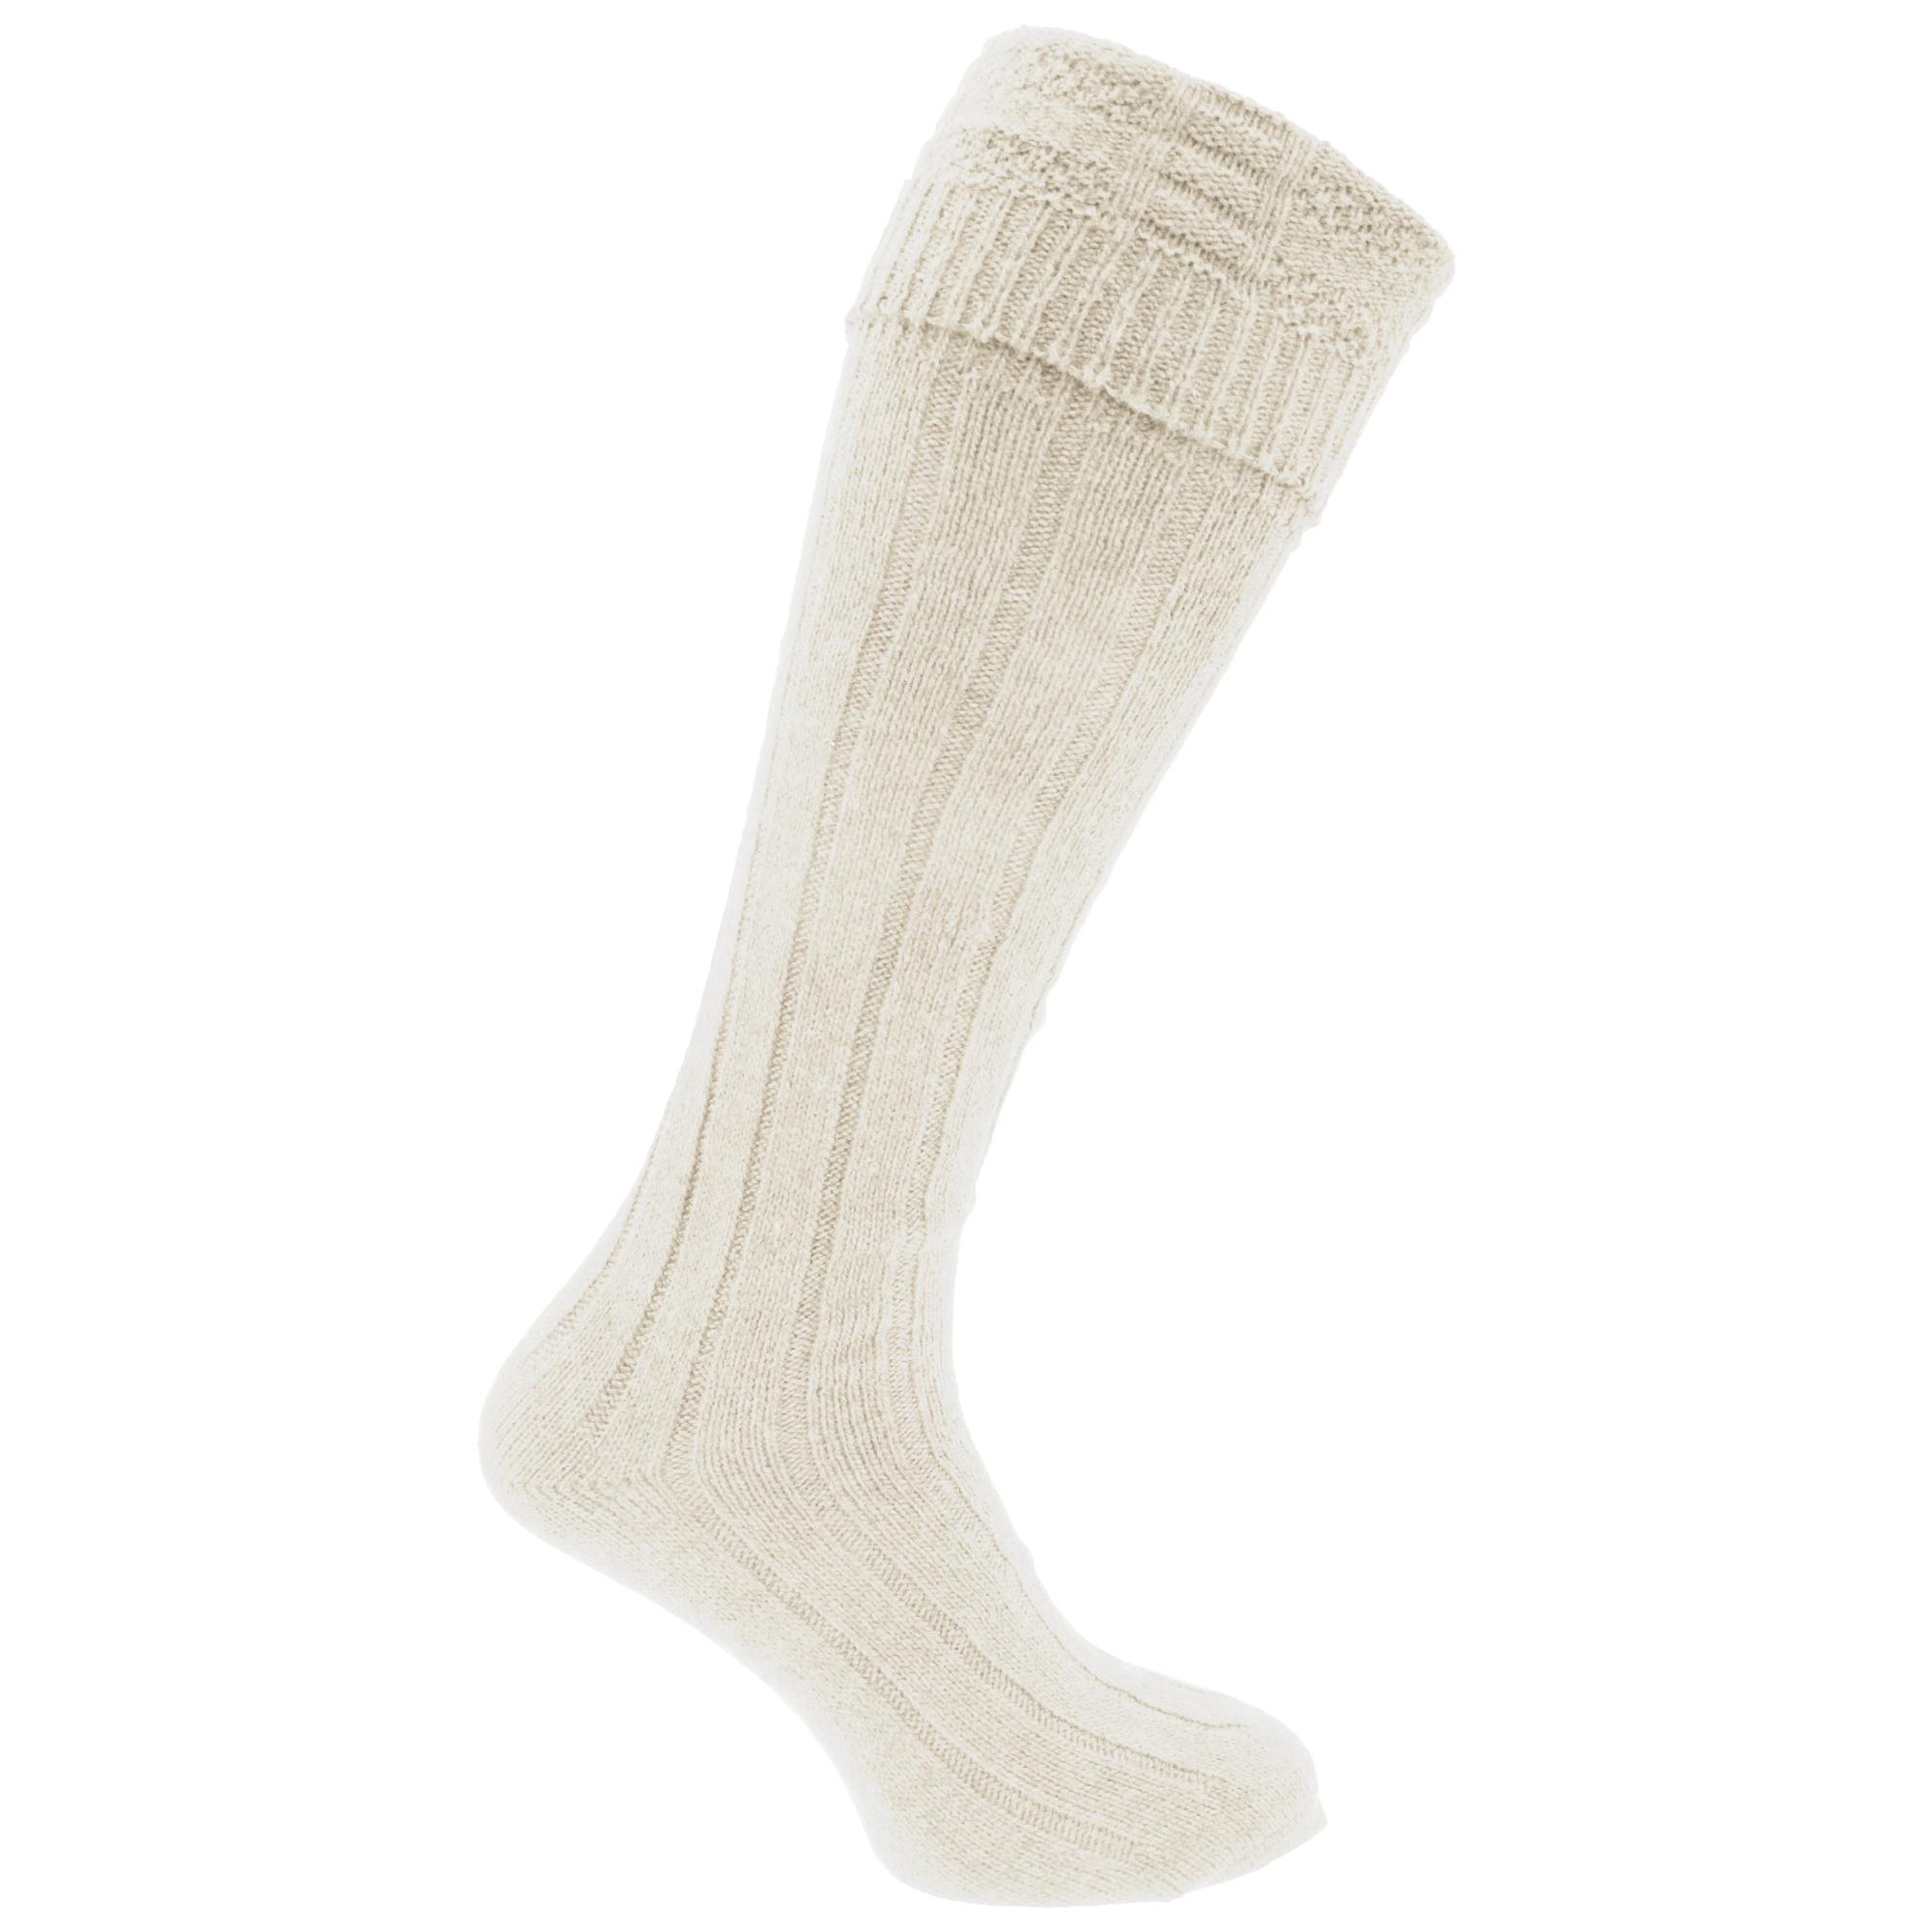 Mens Scottish Highland Wear Wool Kilt Hose Socks (1 Pair) (6-11 UK, 39-45 EU) (Cream)